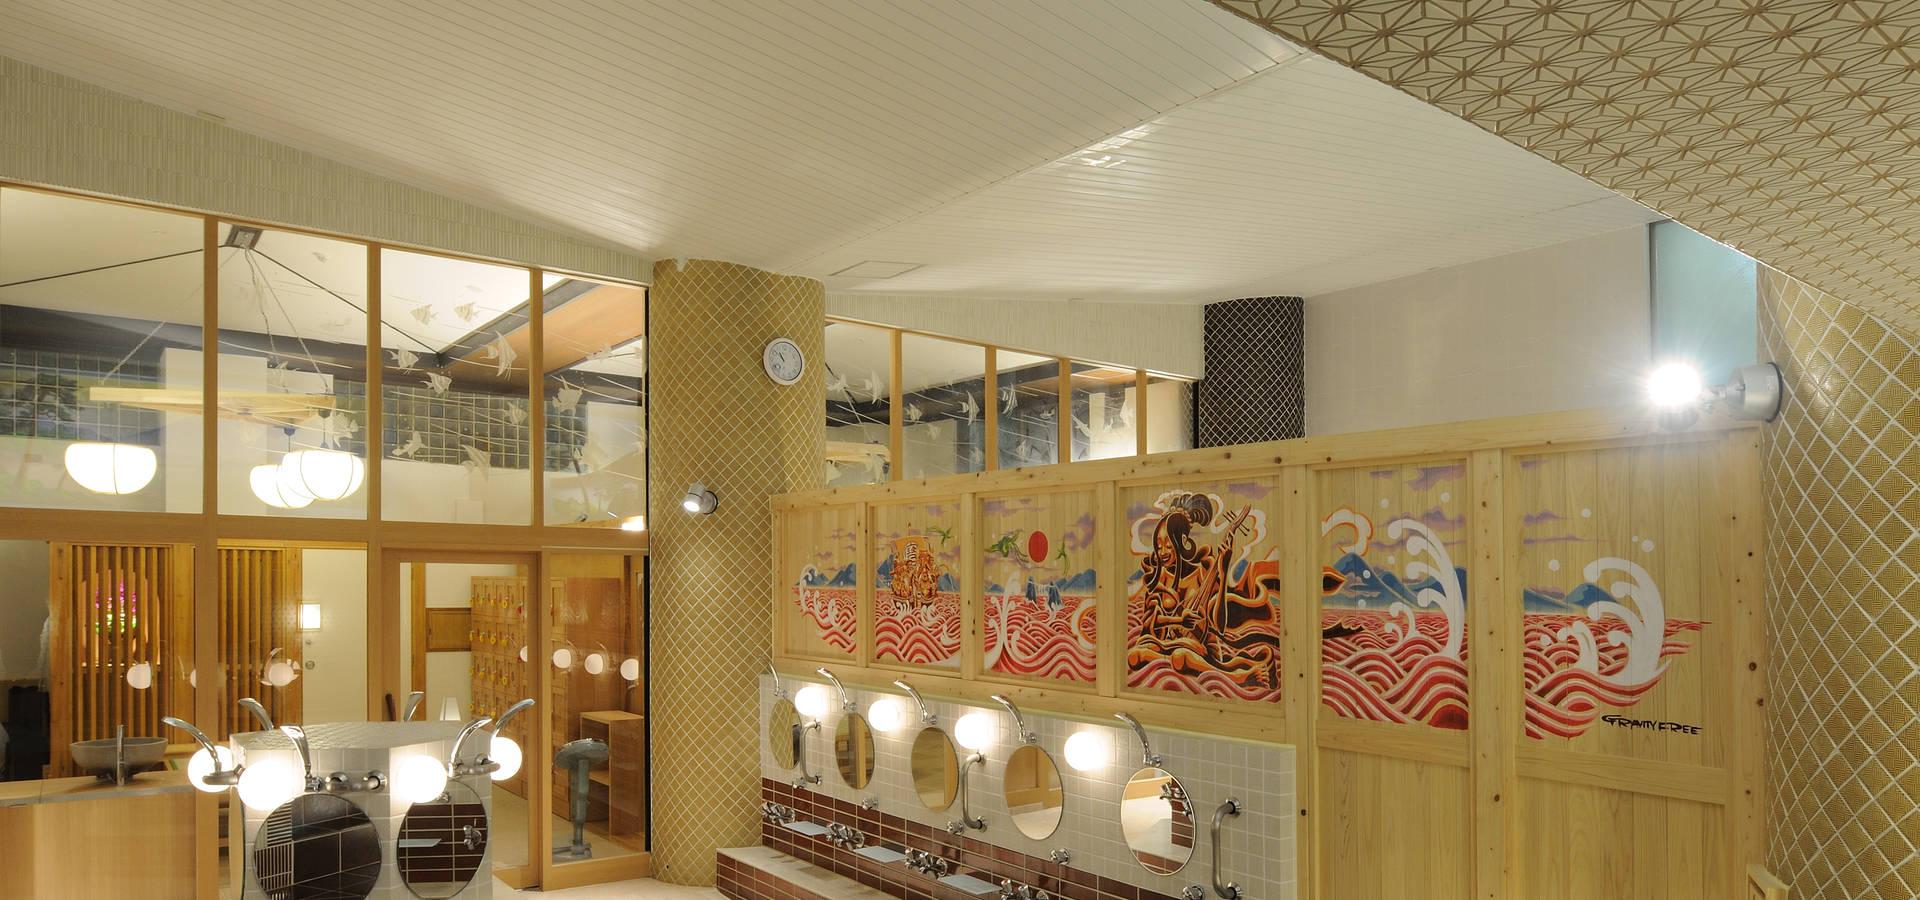 今井健太郎建築設計事務所